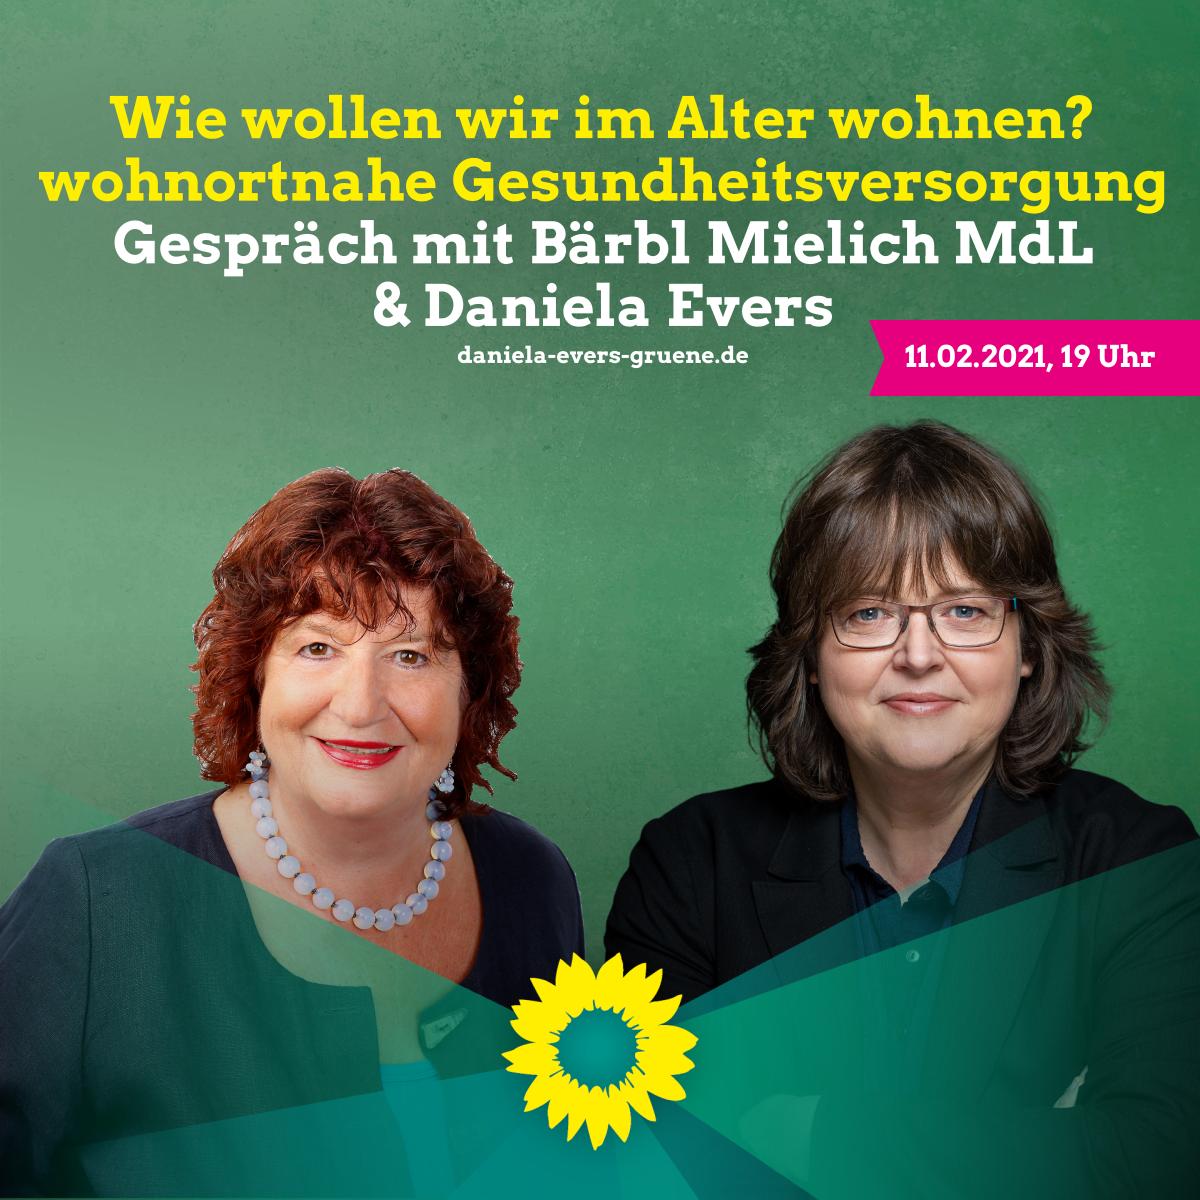 Pflege & Gesundheit mit Bärbl Mielich und Daniela Evers